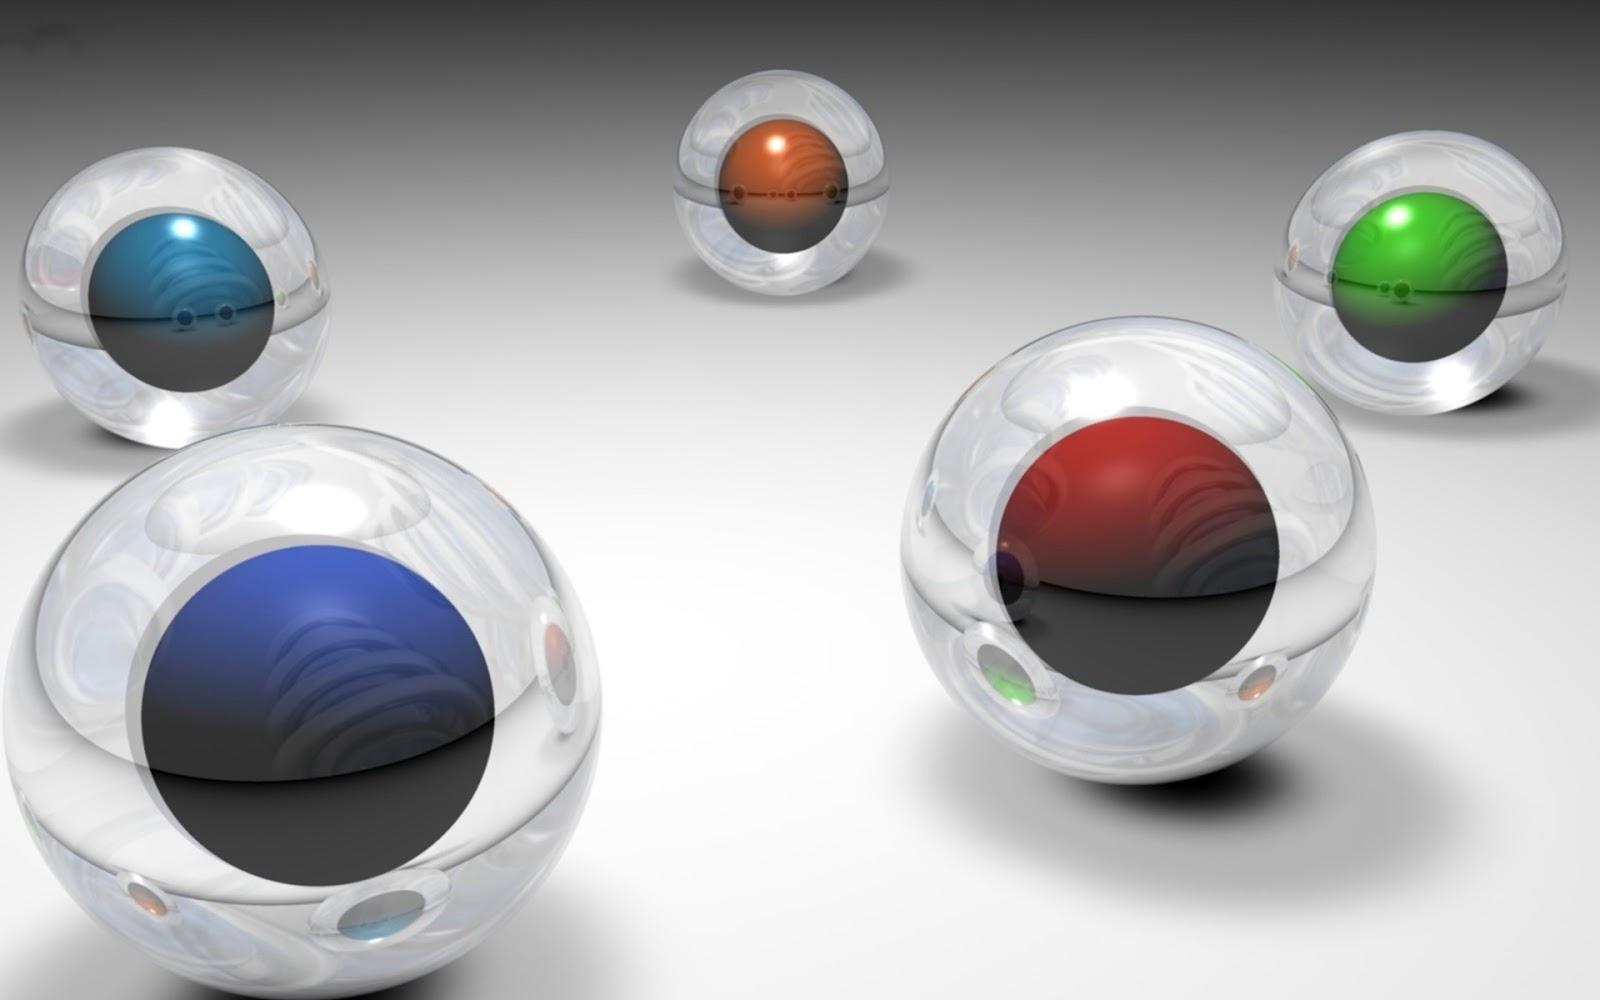 3D Glass Wallpapers ~ Top Best HD Wallpapers for Desktop